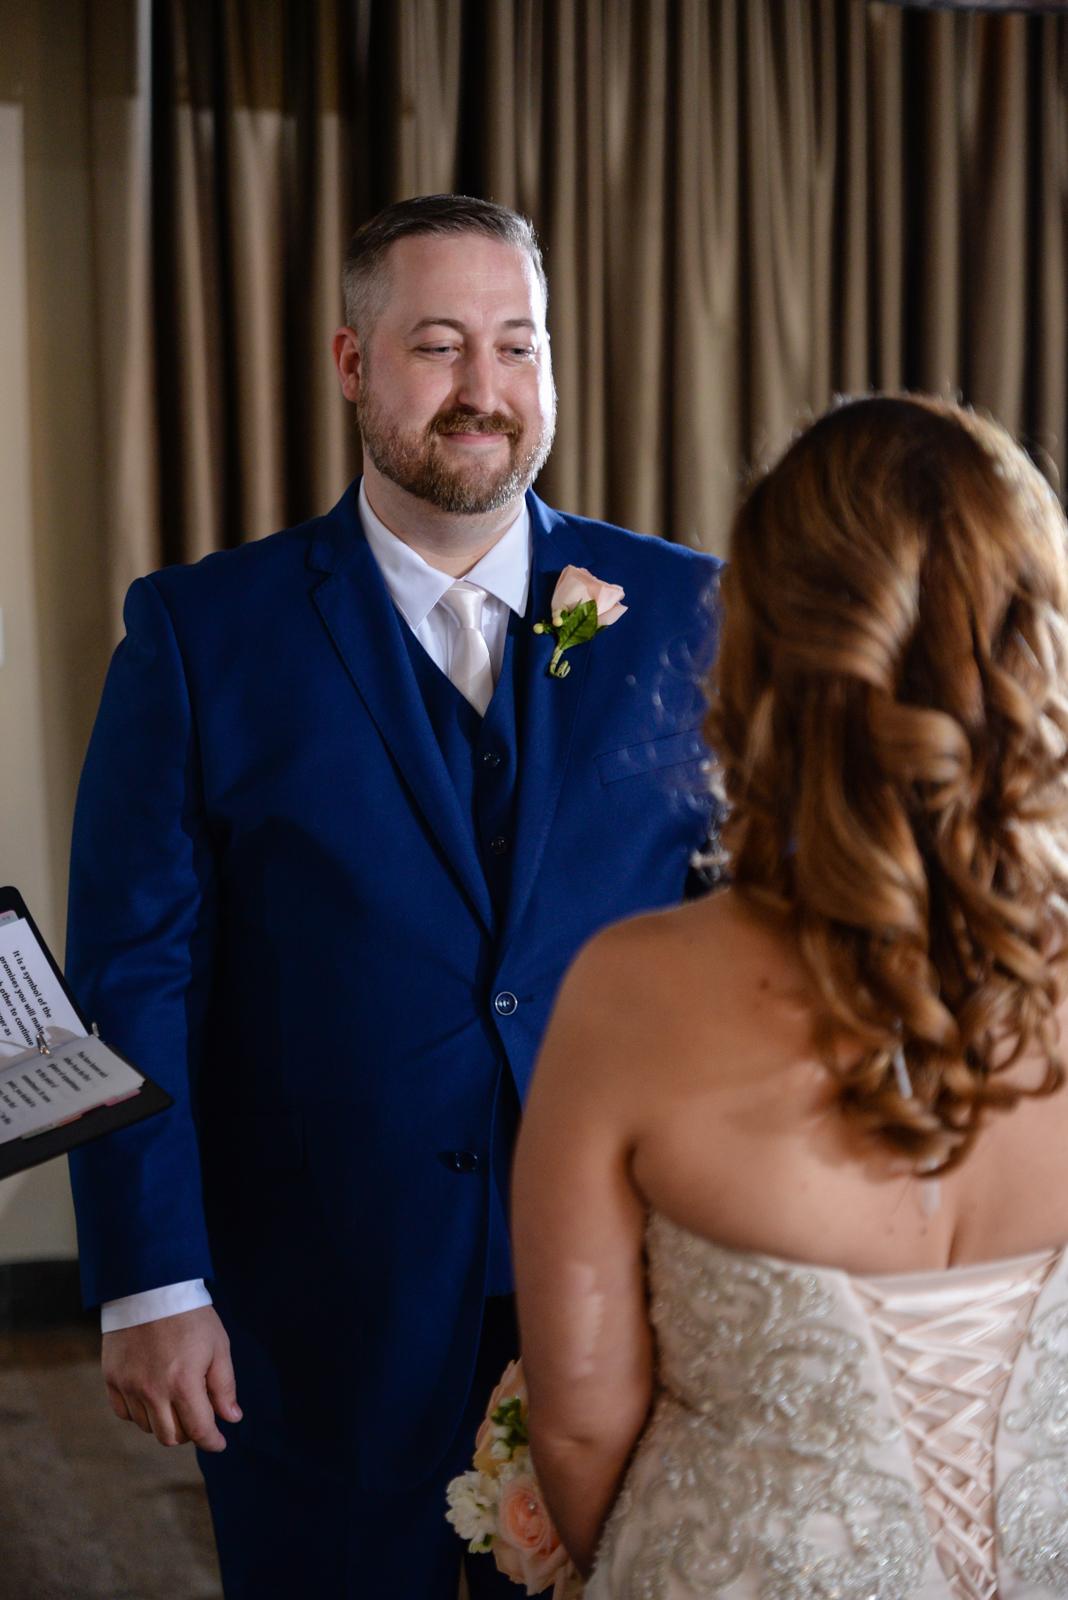 Stephanie Ray Wedding PhotographyDSC_7269.jpg